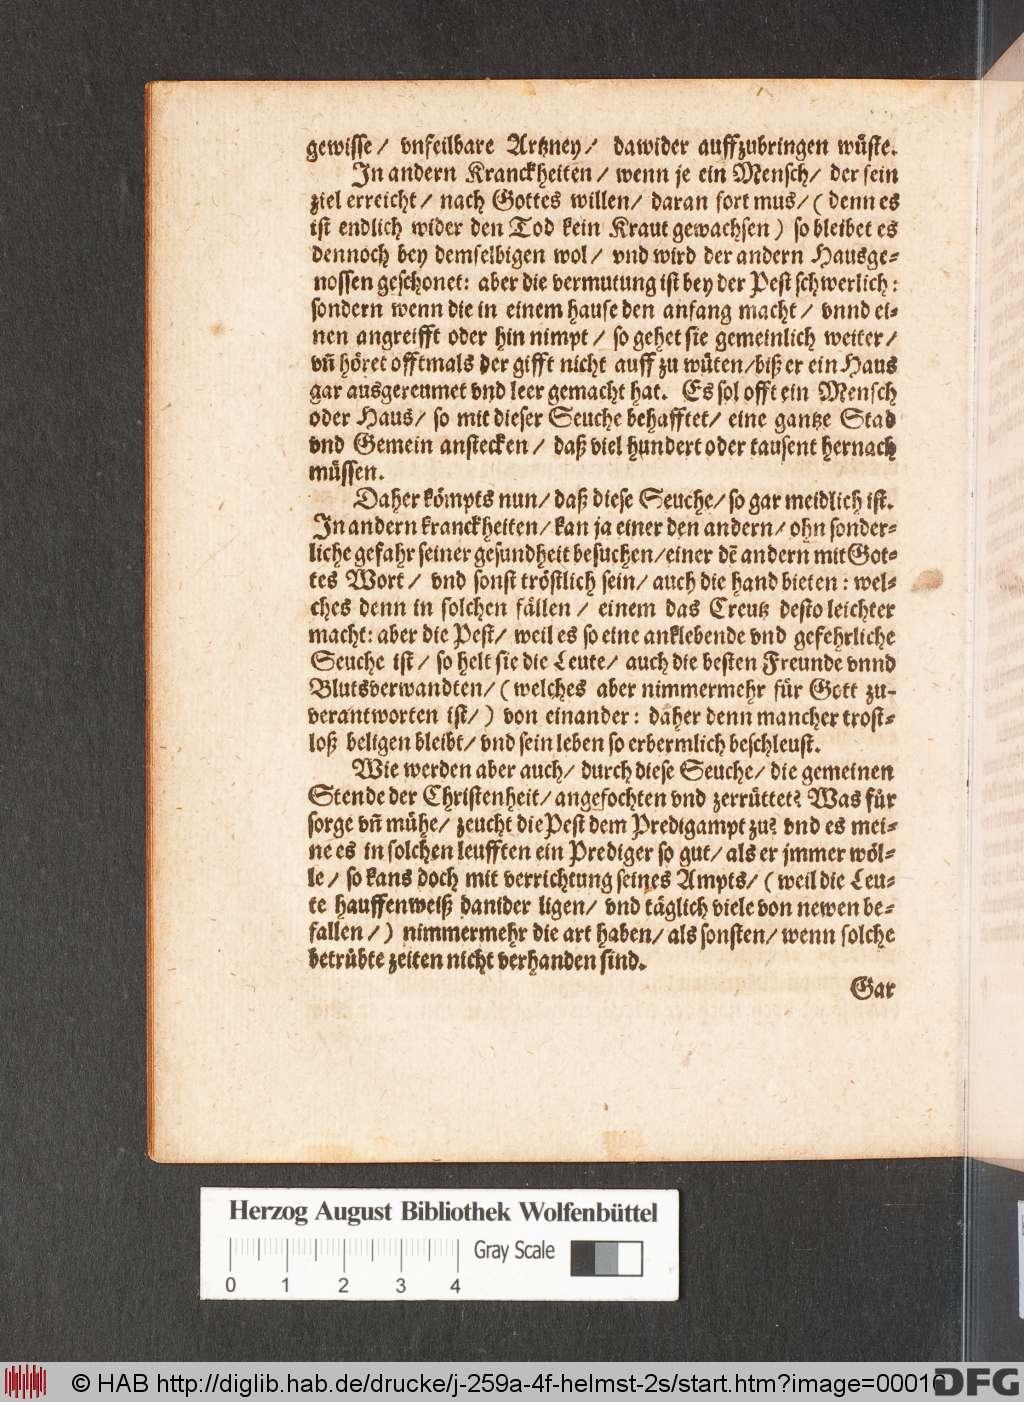 http://diglib.hab.de/drucke/j-259a-4f-helmst-2s/00016.jpg